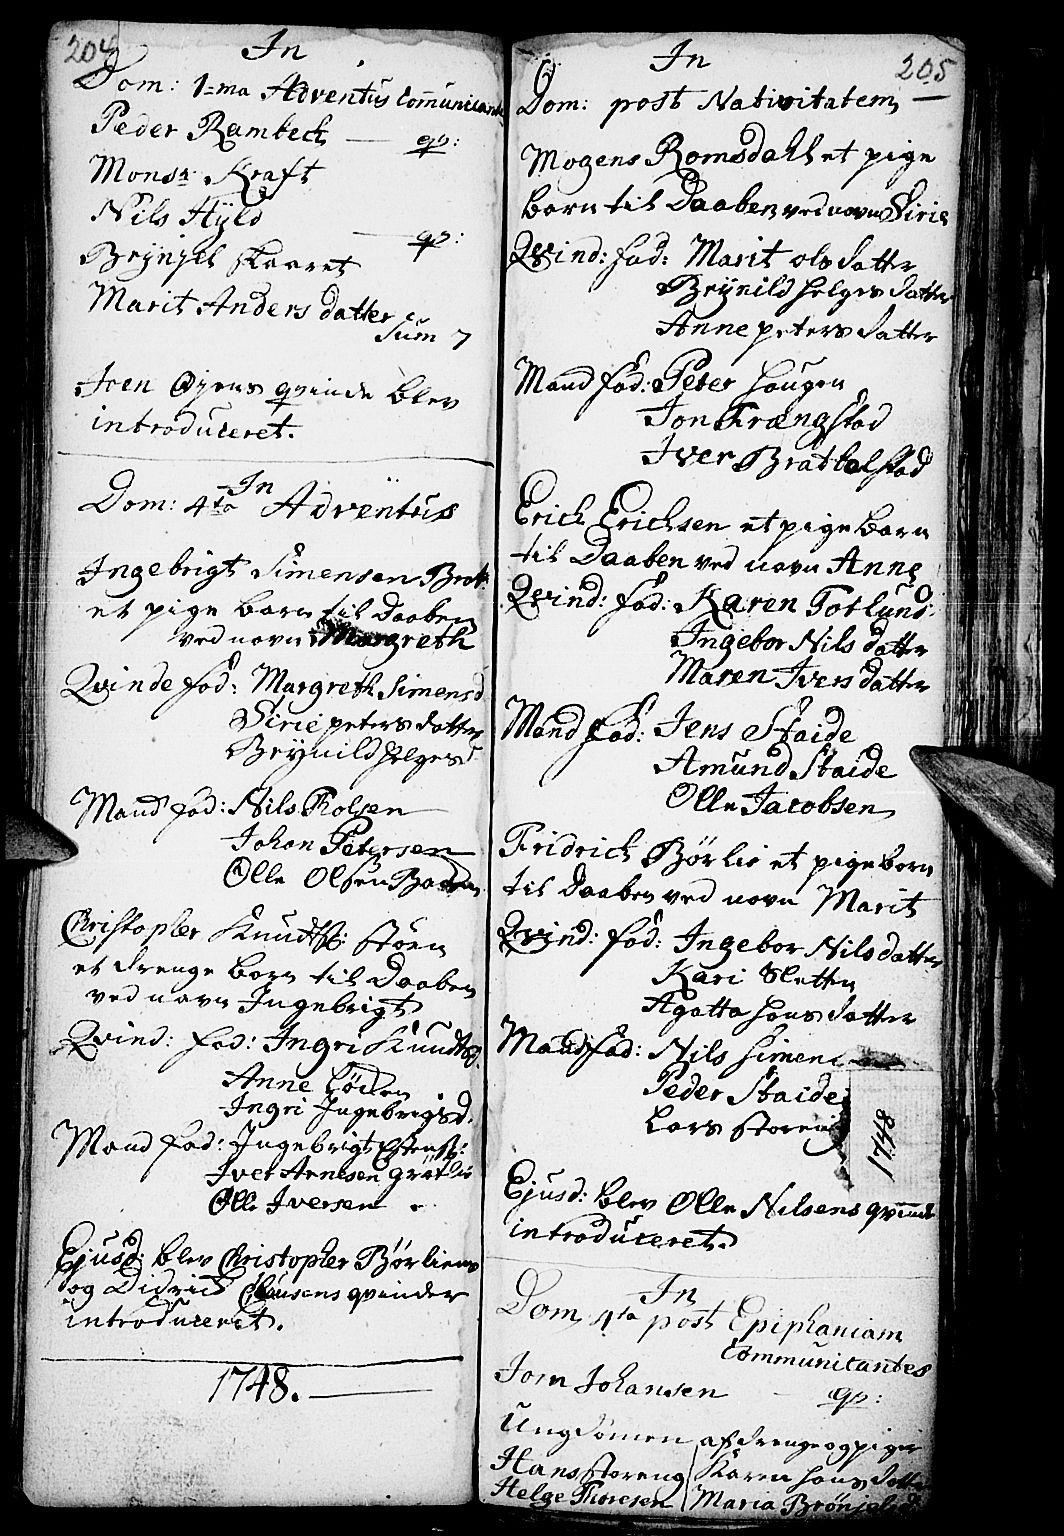 SAH, Kvikne prestekontor, Parish register (official) no. 1, 1740-1756, p. 204-205